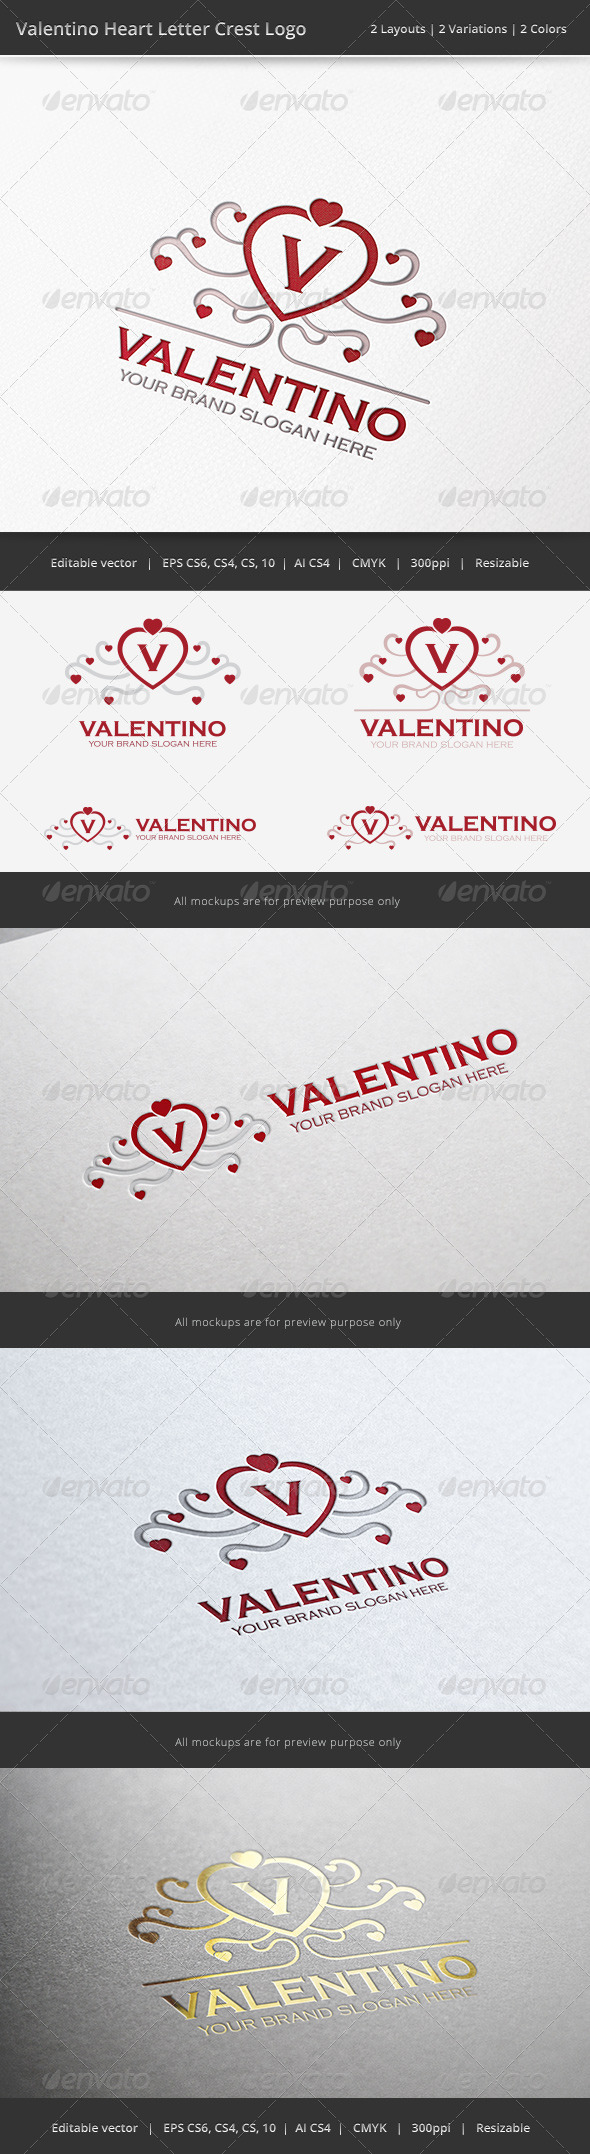 GraphicRiver Valentino Heart Letter Crest Logo 6749754